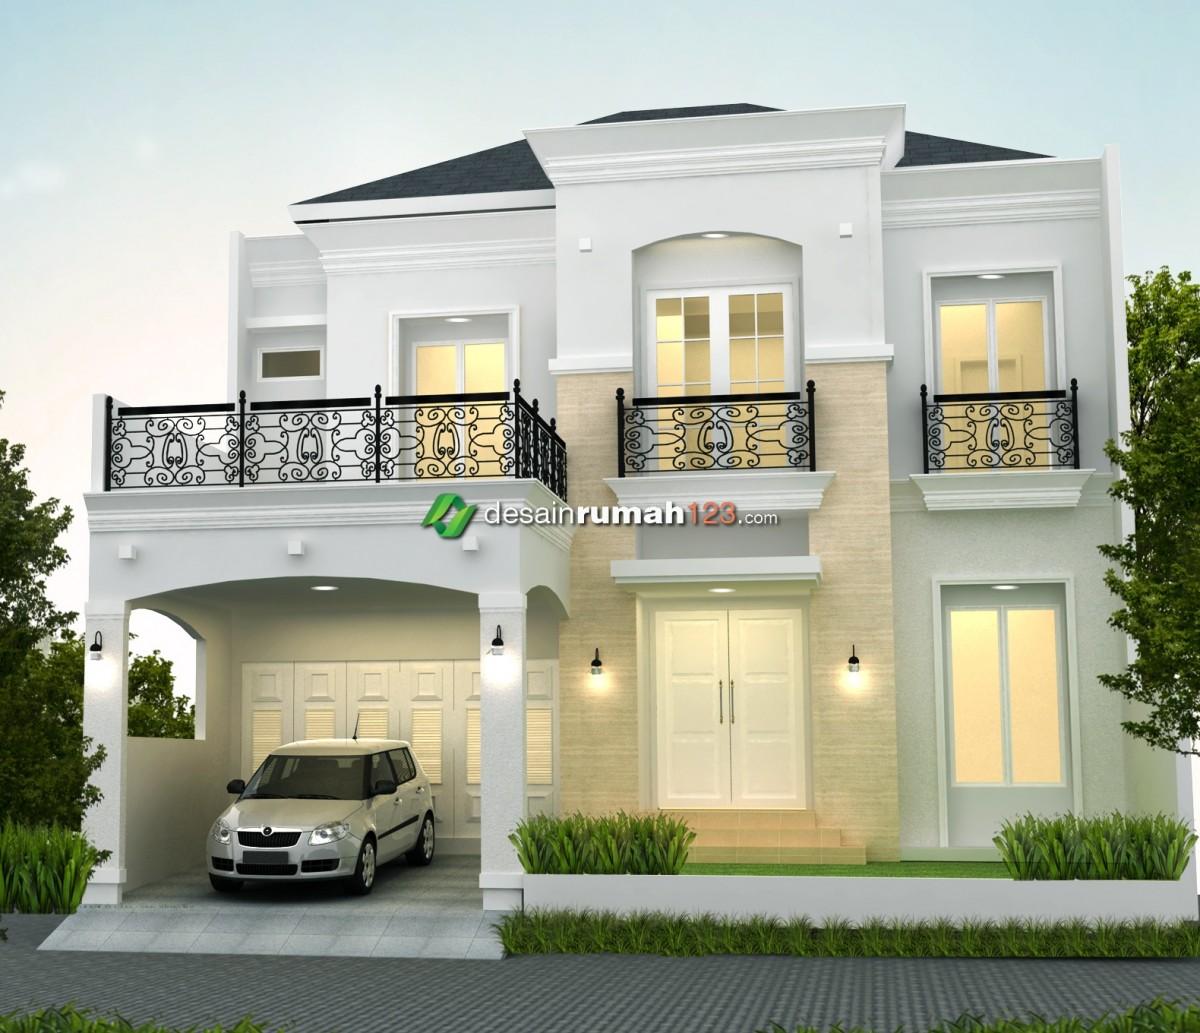 Model Desain Rumah Klasik Indonesia Yang Memiliki Banyak Peminat